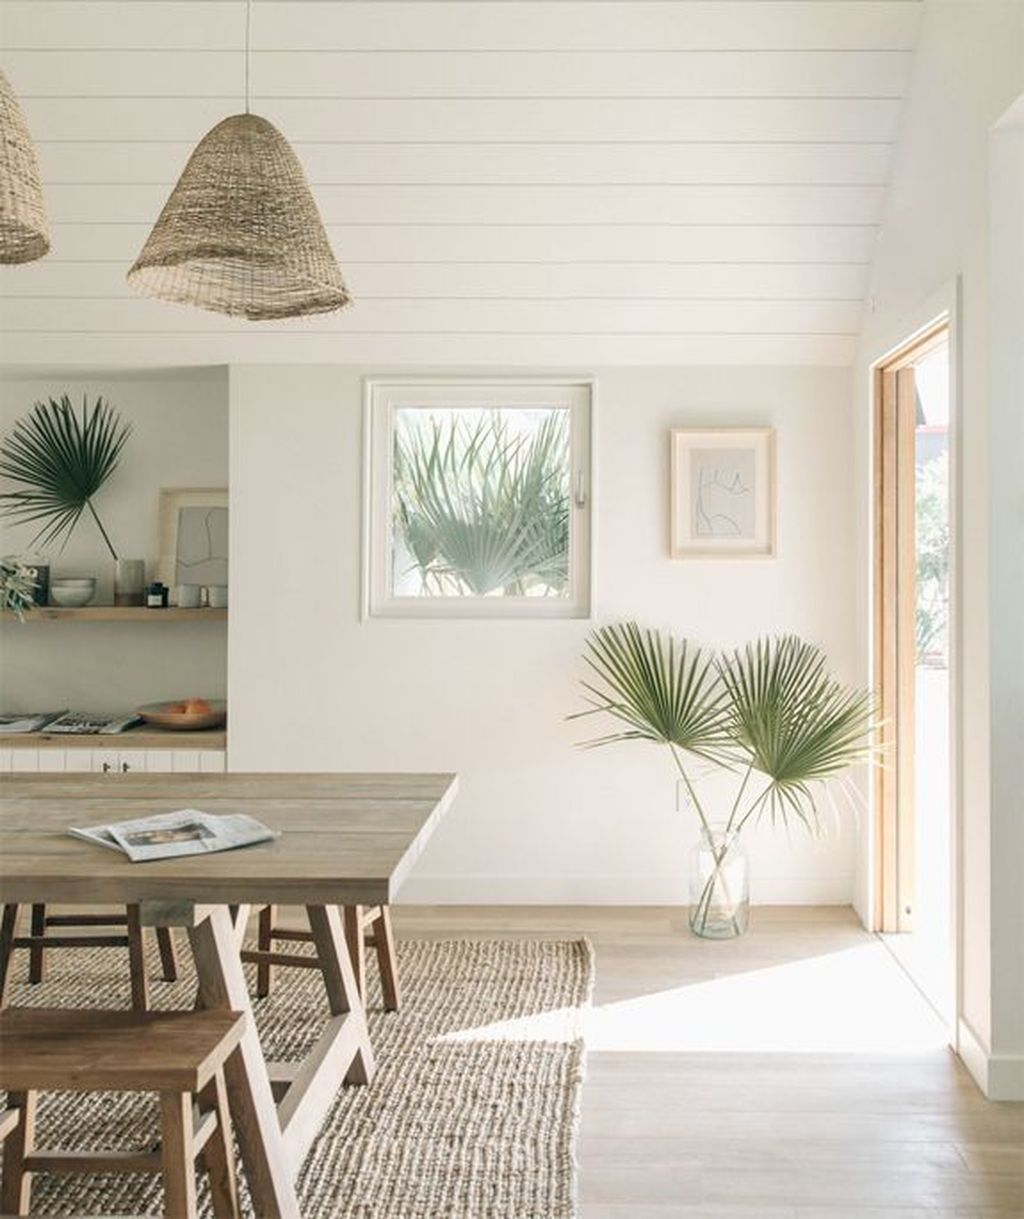 Amazing Texture Interior Design Ideas 20